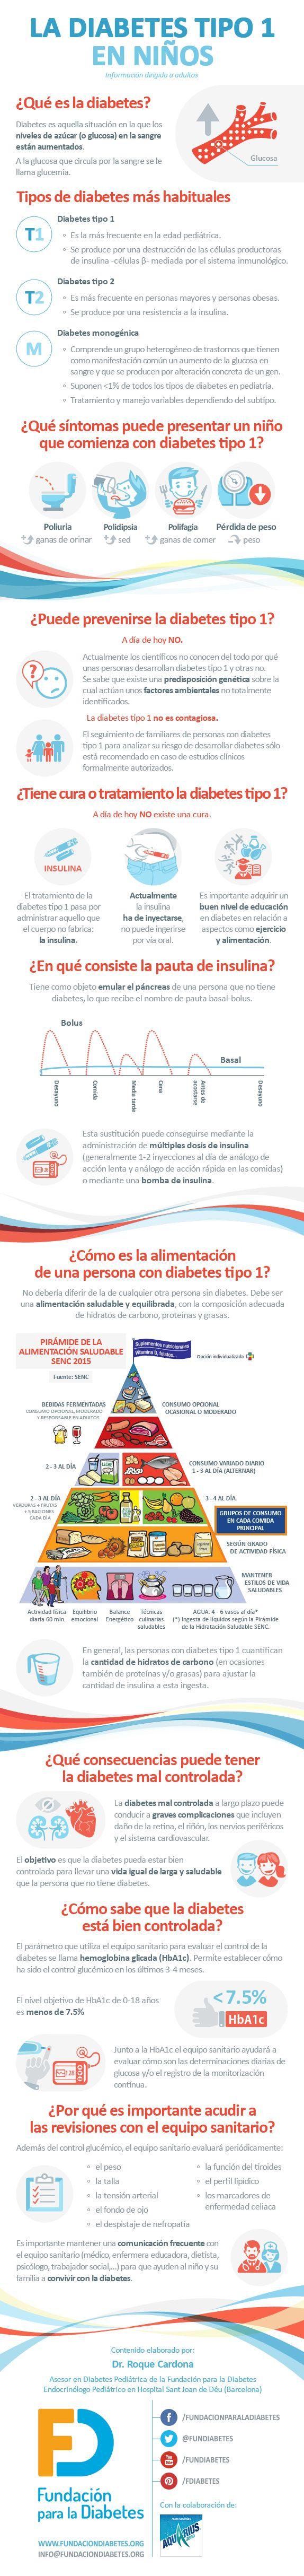 """Infografía """"La diabetes tipo 1 en niños"""" Fundación para la diabetes www.fundaciondiabetes.org"""